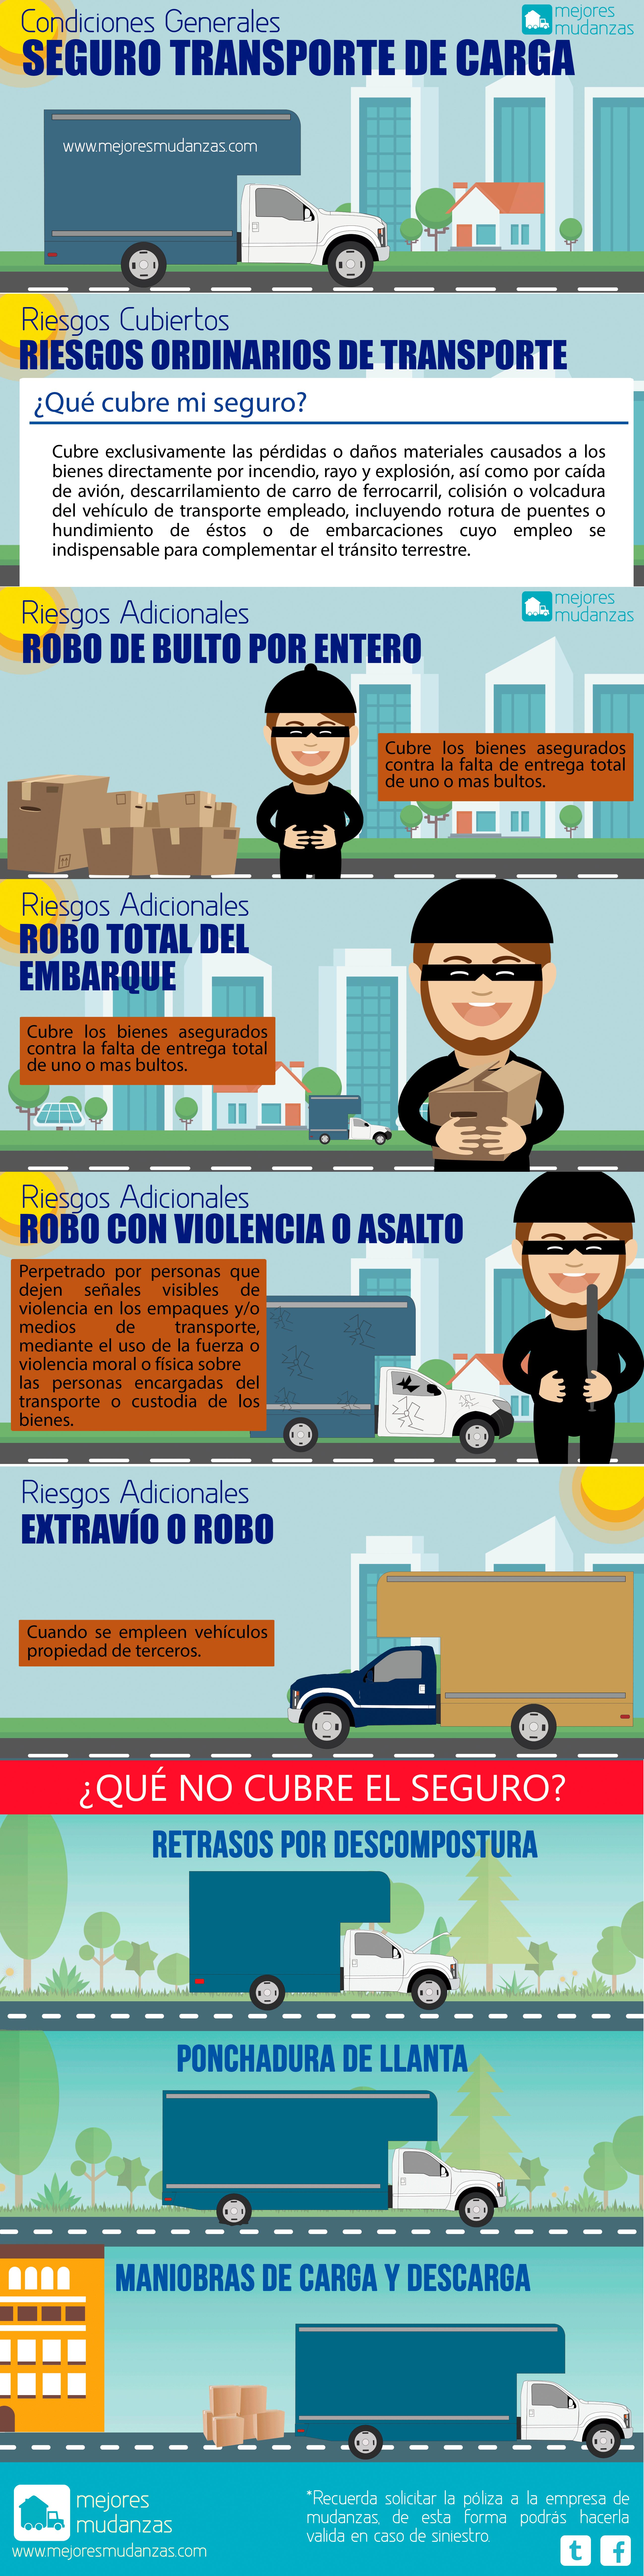 mejoresmudanzas-seguros-de-carga-infografia